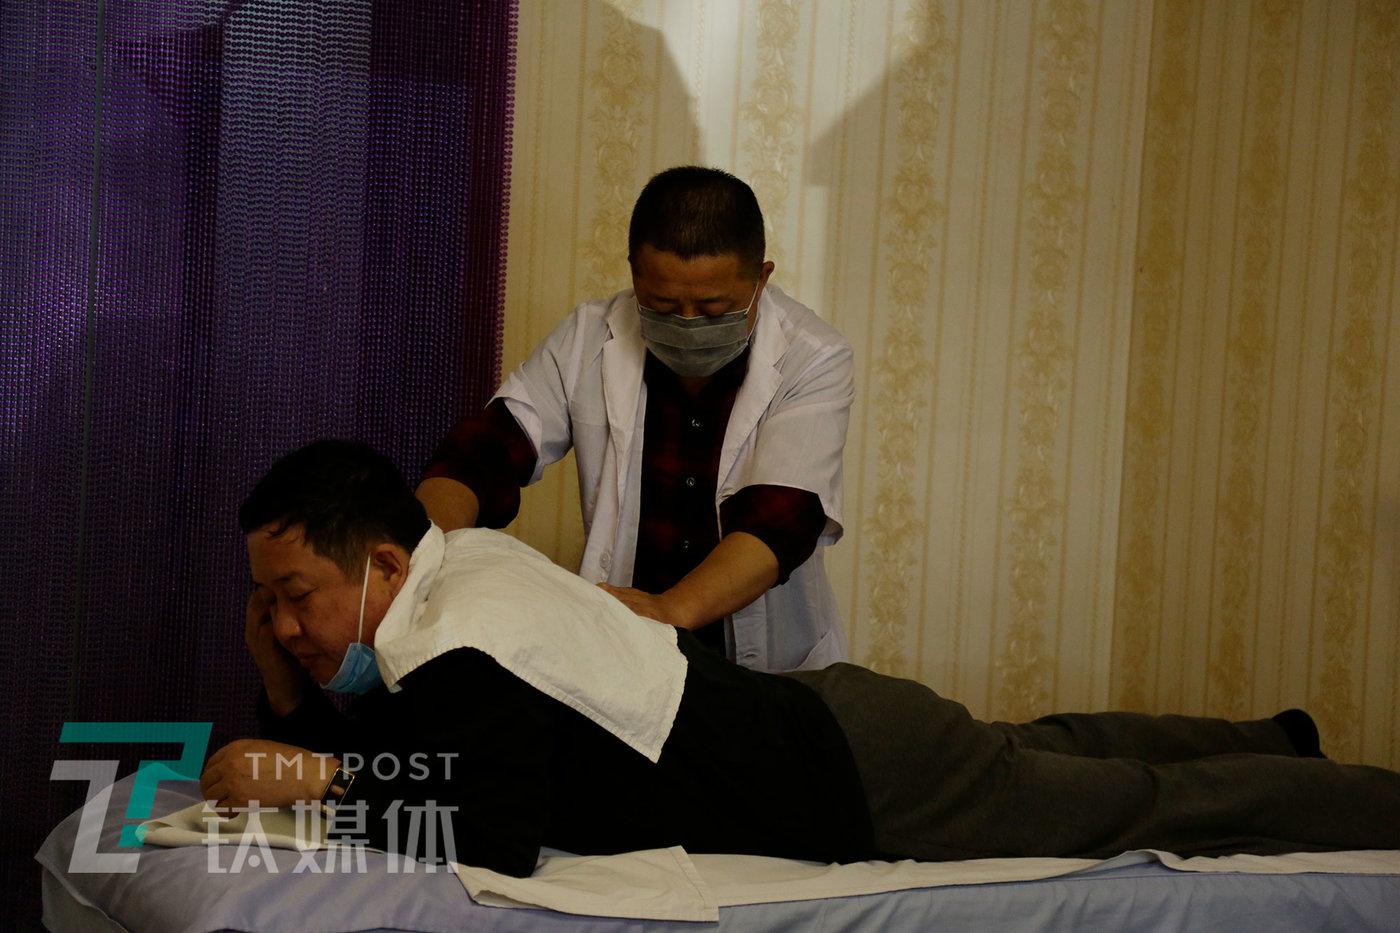 盲人按摩师老姜为客人做按摩。